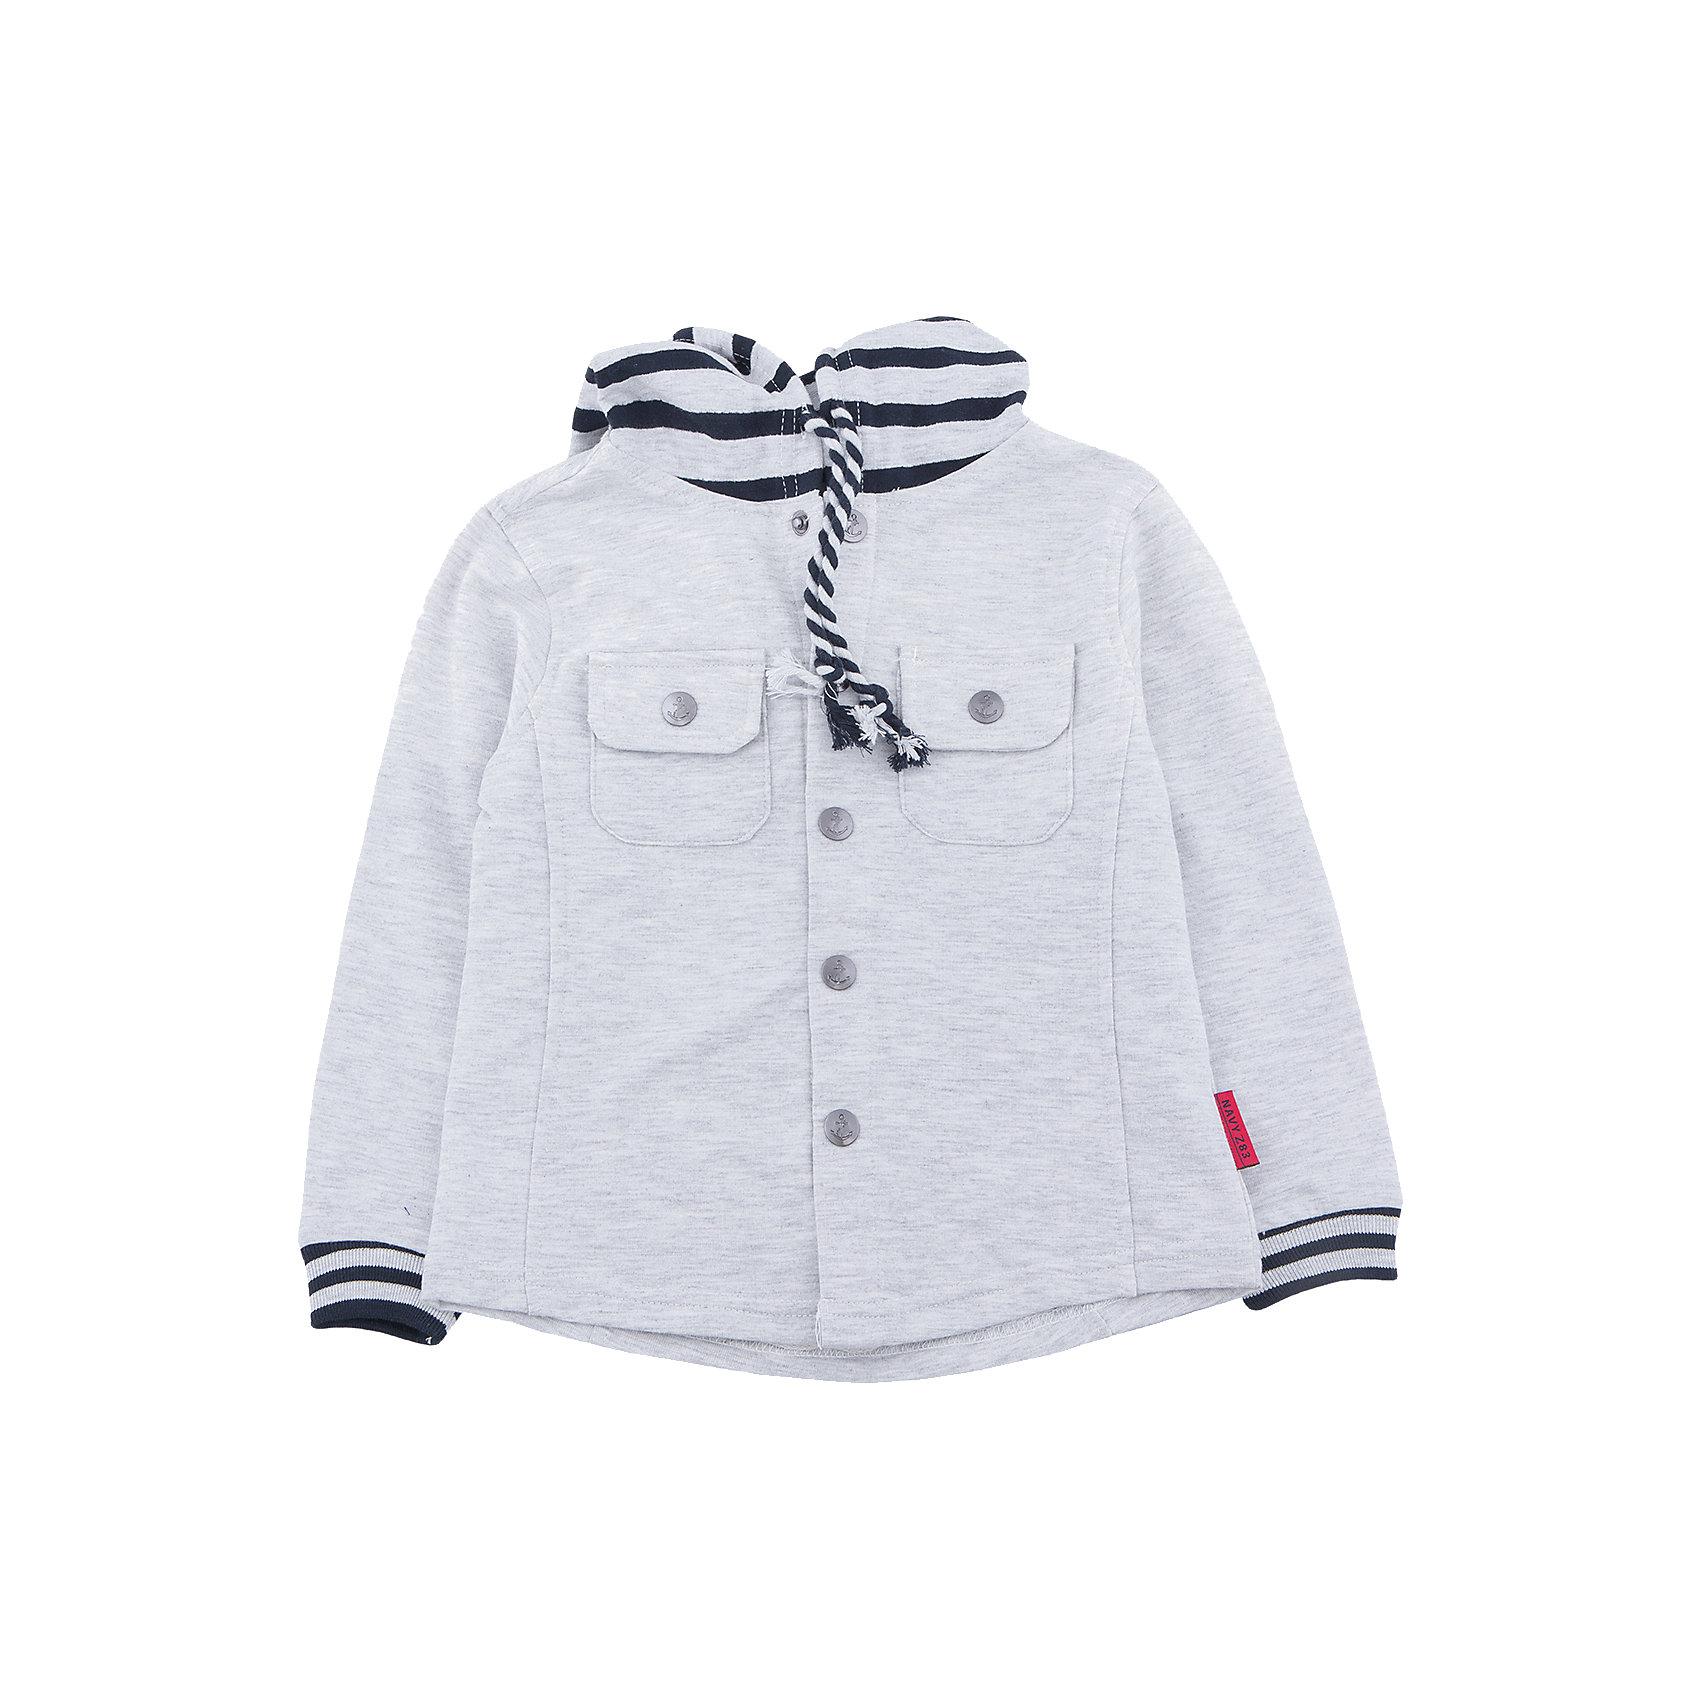 Толстовка для мальчика SELAТолстовки<br>Куртка для мальчика от известного бренда SELA<br>Состав:<br>100% хлопок<br><br>Ширина мм: 356<br>Глубина мм: 10<br>Высота мм: 245<br>Вес г: 519<br>Цвет: серый<br>Возраст от месяцев: 60<br>Возраст до месяцев: 72<br>Пол: Мужской<br>Возраст: Детский<br>Размер: 116,92,98,104,110<br>SKU: 5305722